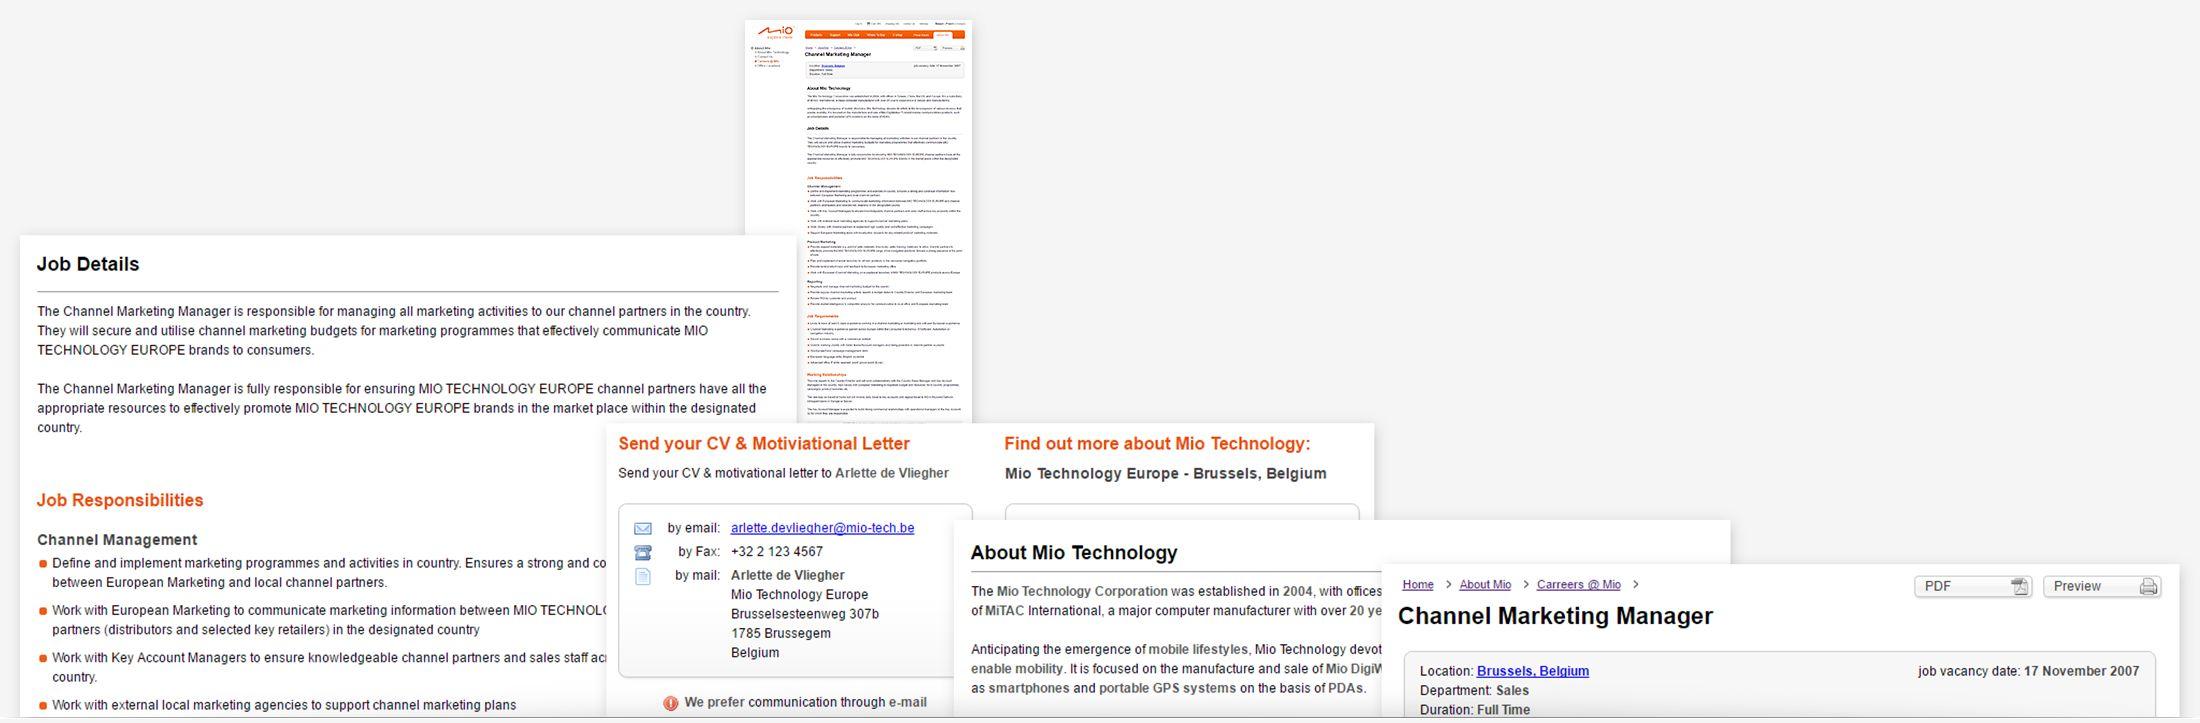 Mio Technology - Job opening